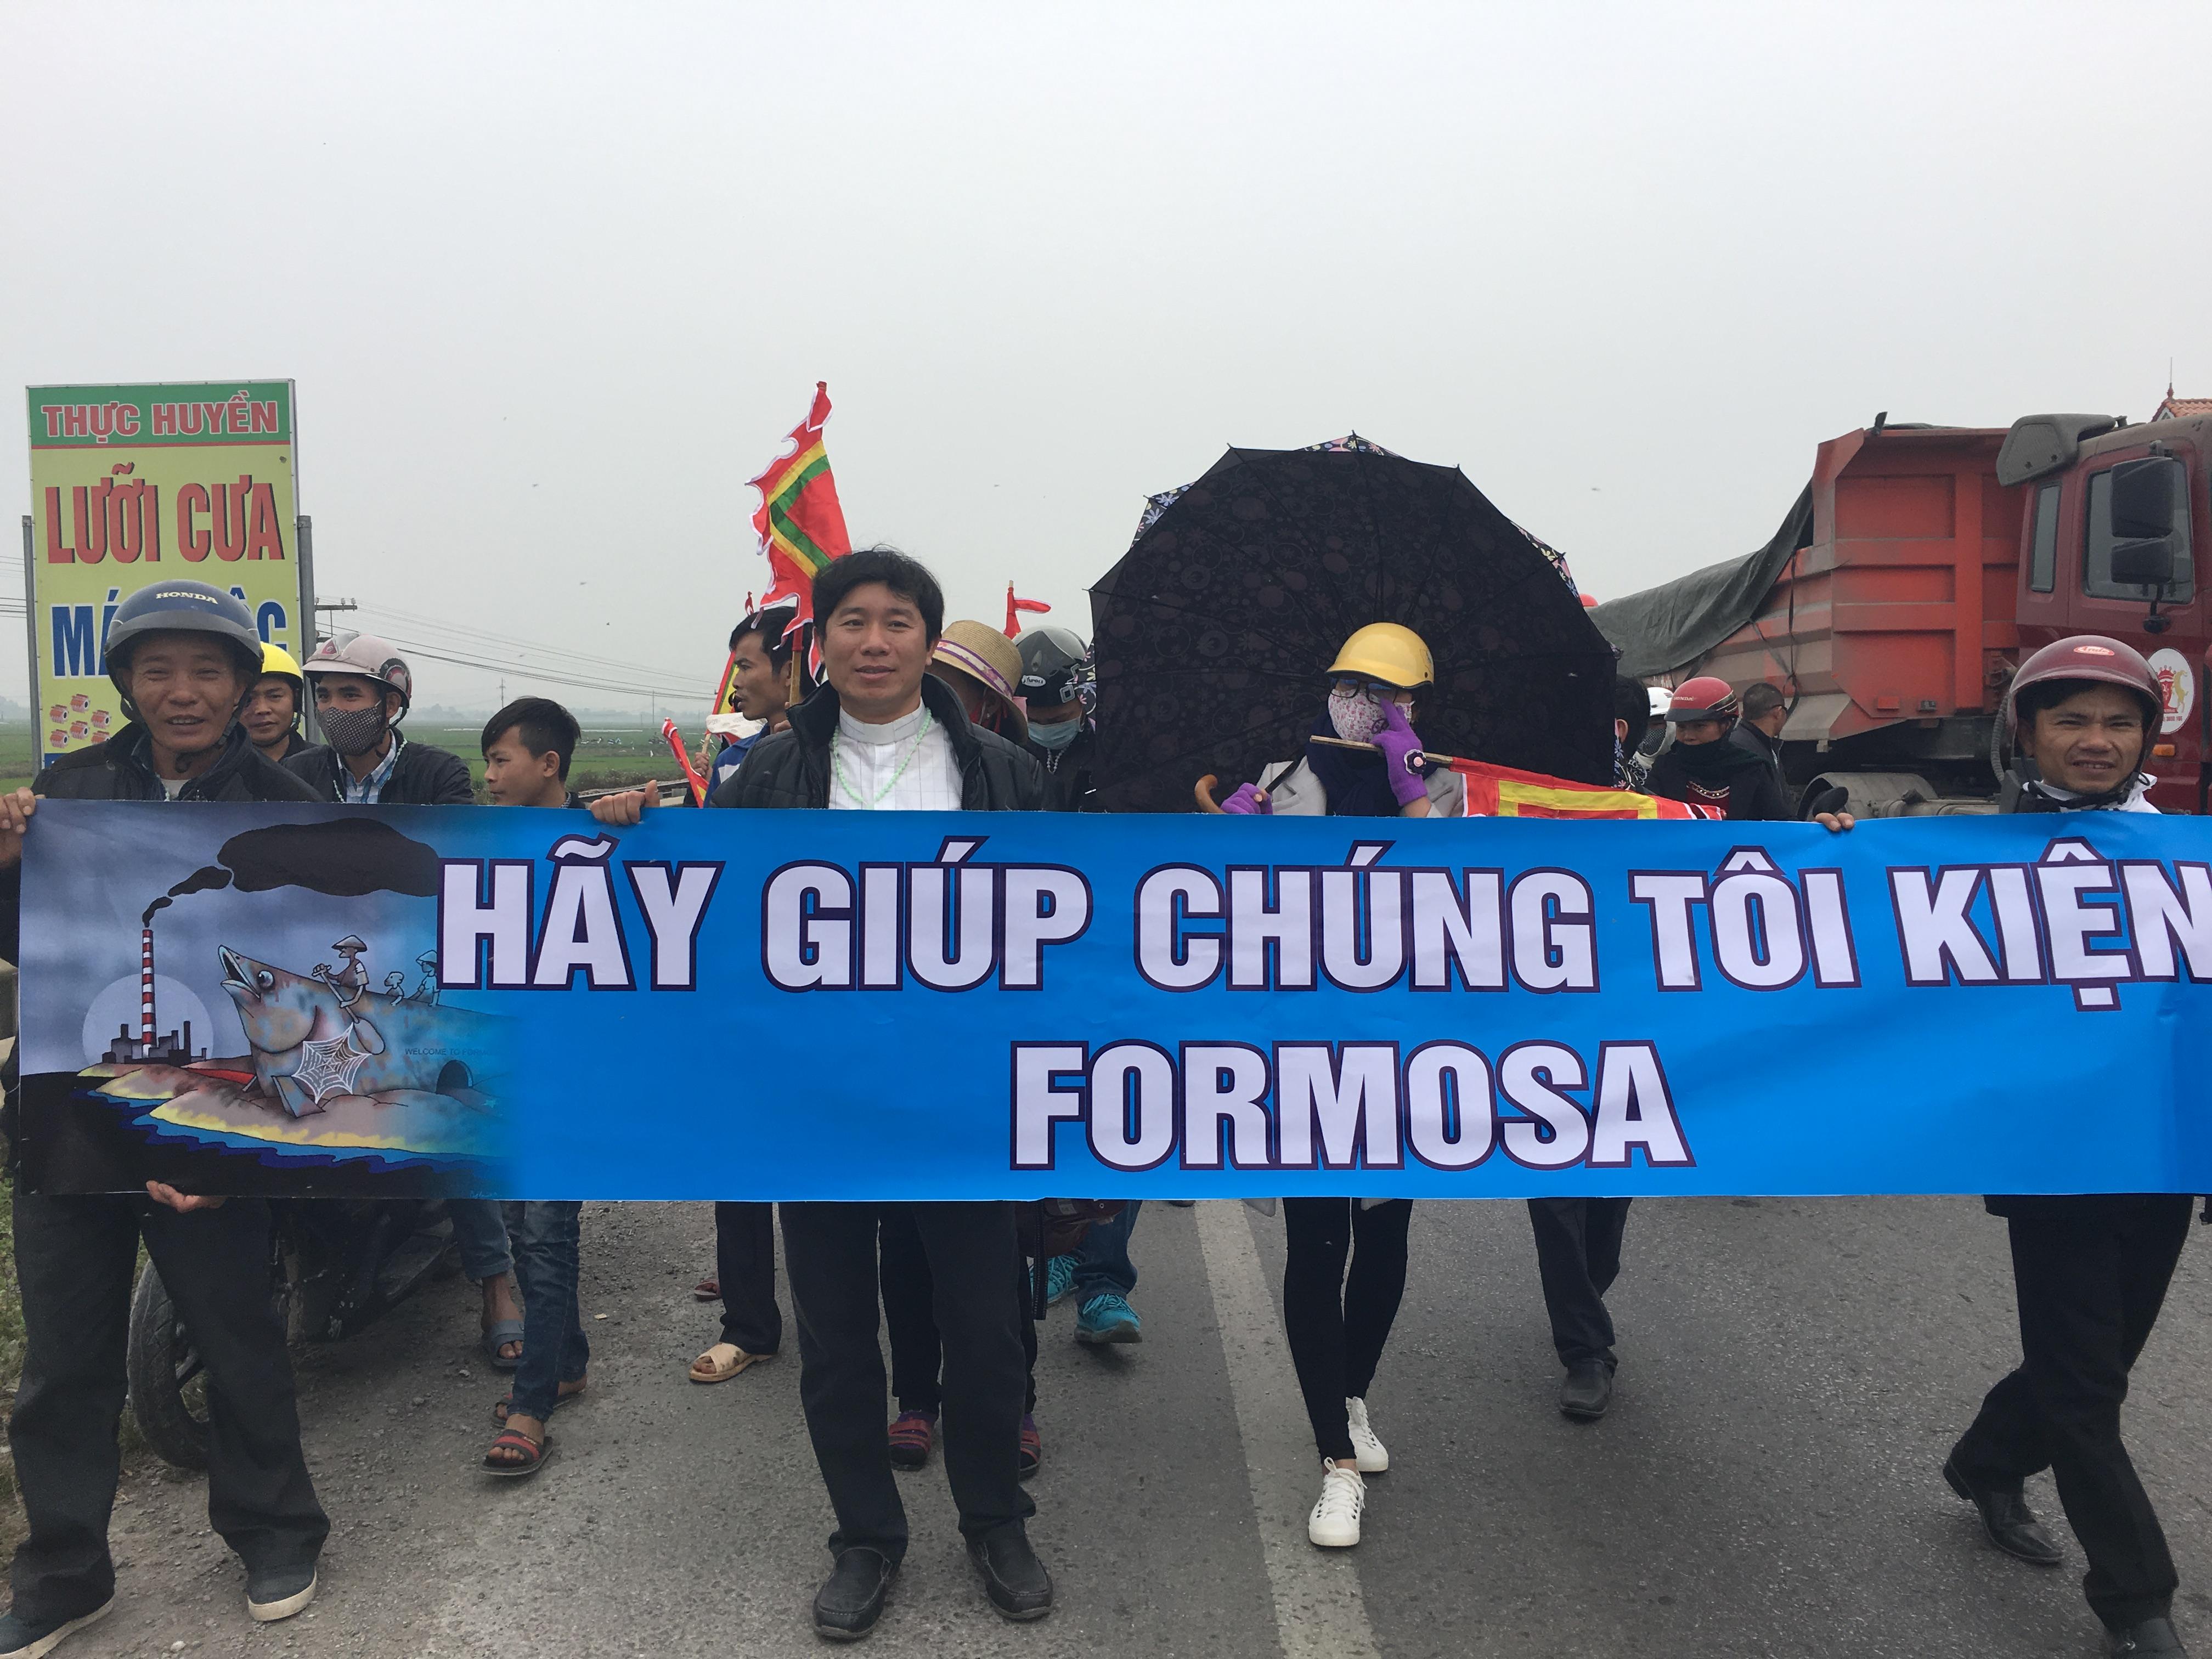 Giáo Phận Vinh ra thông cáo lên án nhà cầm quyền CSVN đàn áp người dân đi kiện Formosa